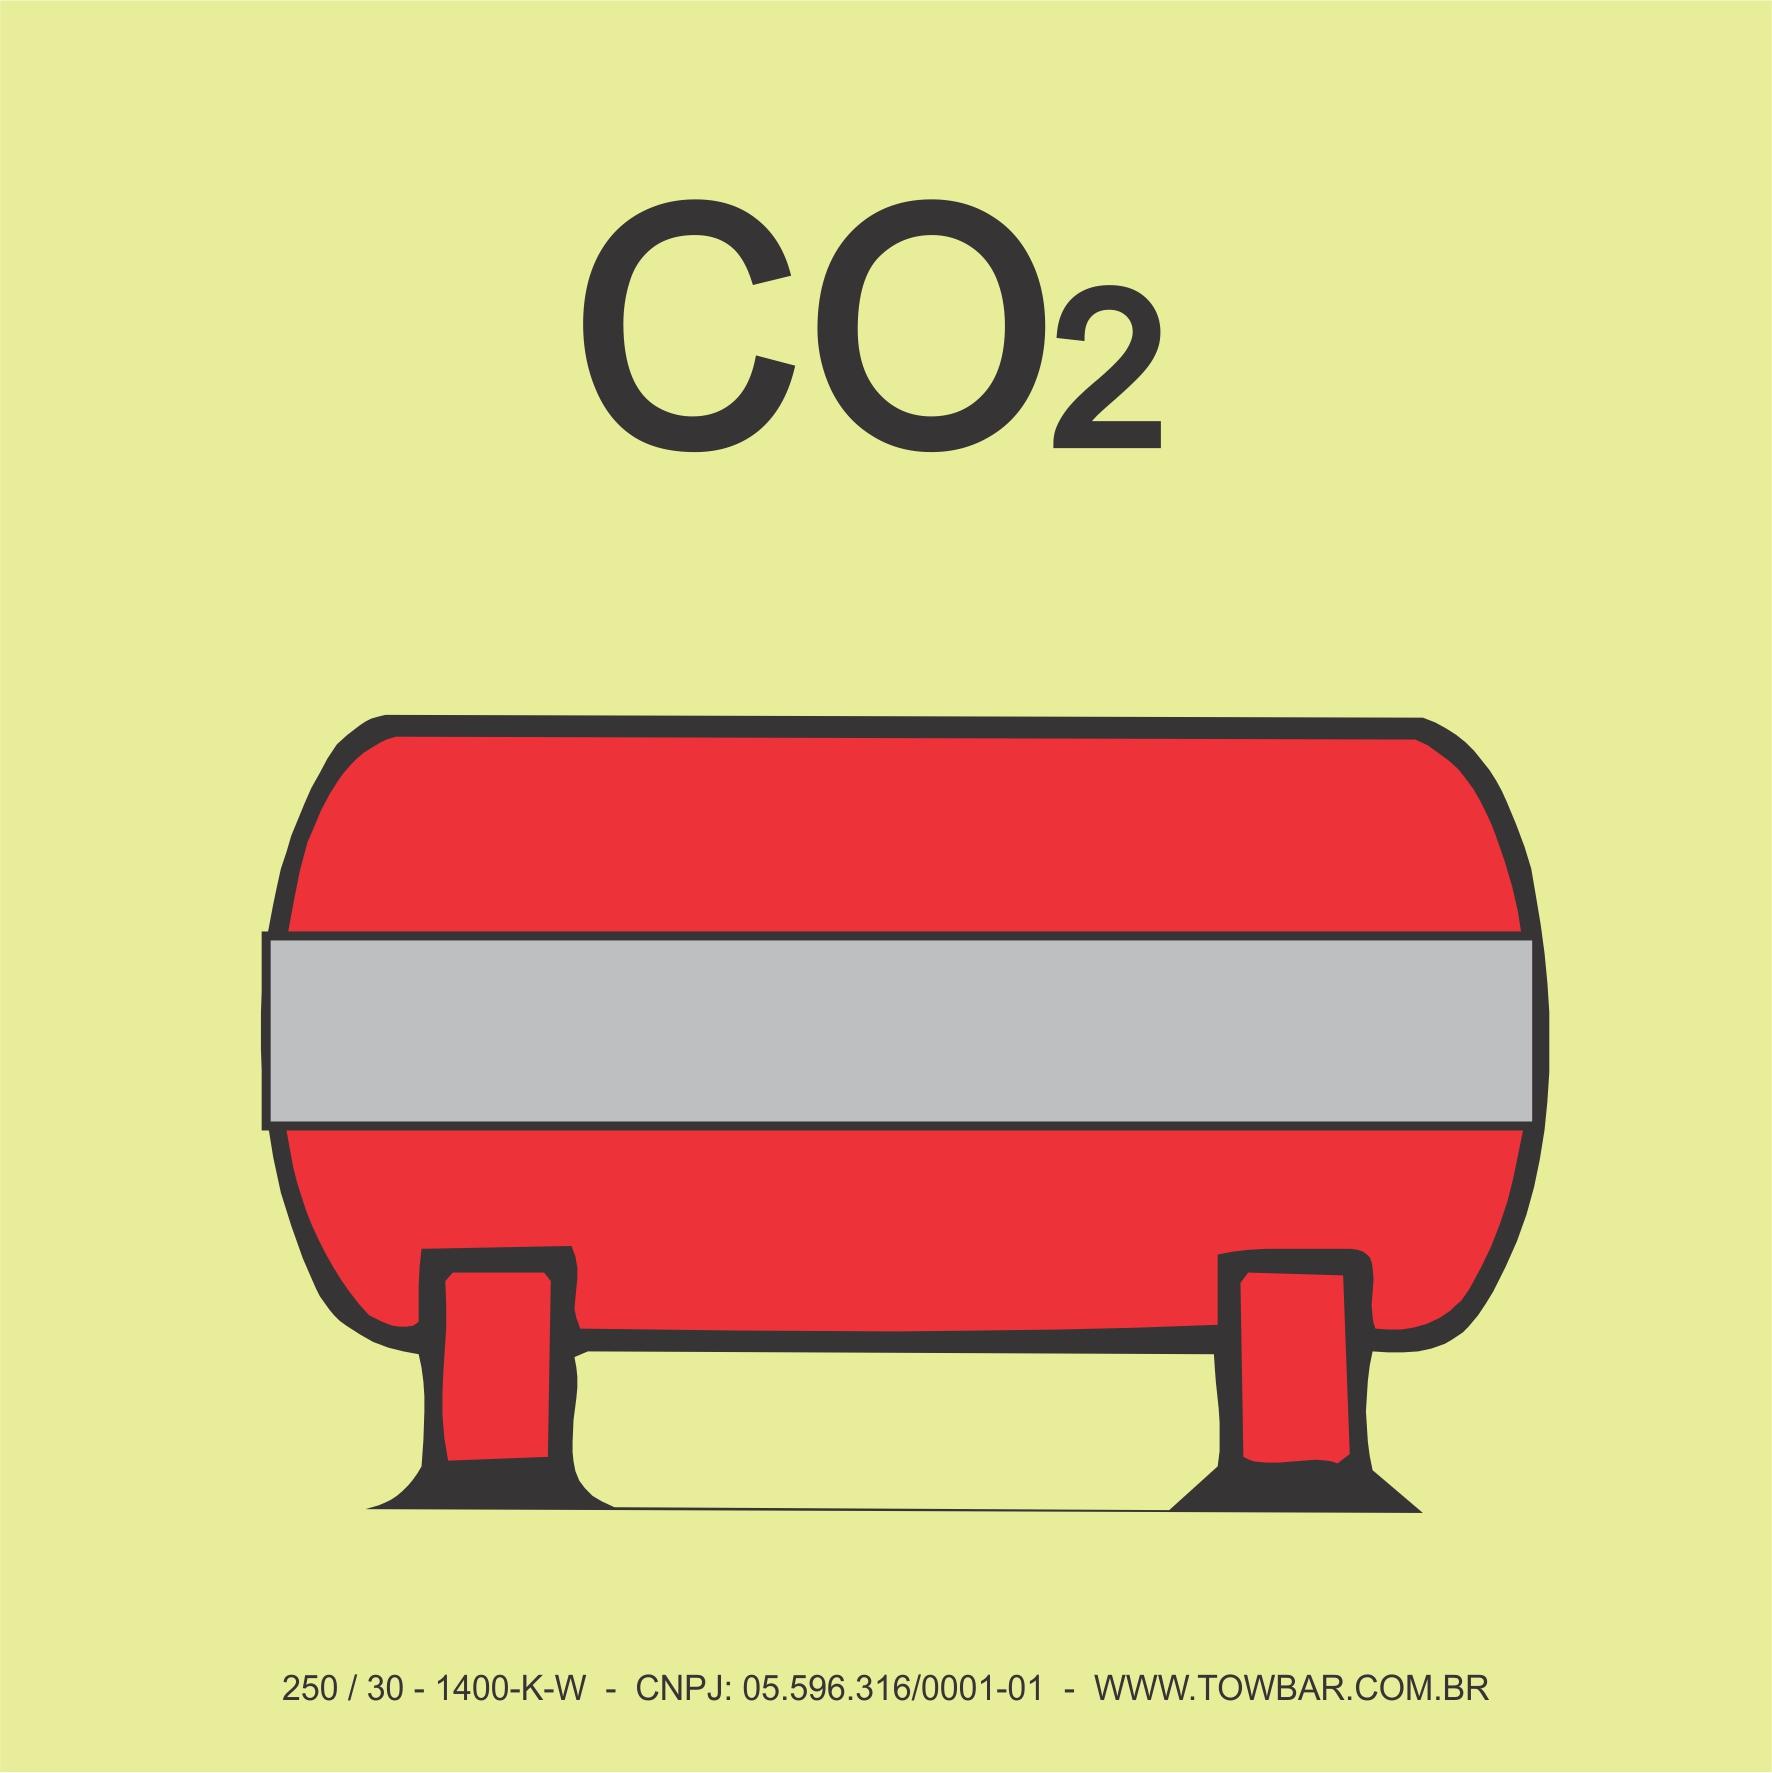 Fixed Fire Extinguishing Installation (CO2)  - Towbar Sinalização de Segurança